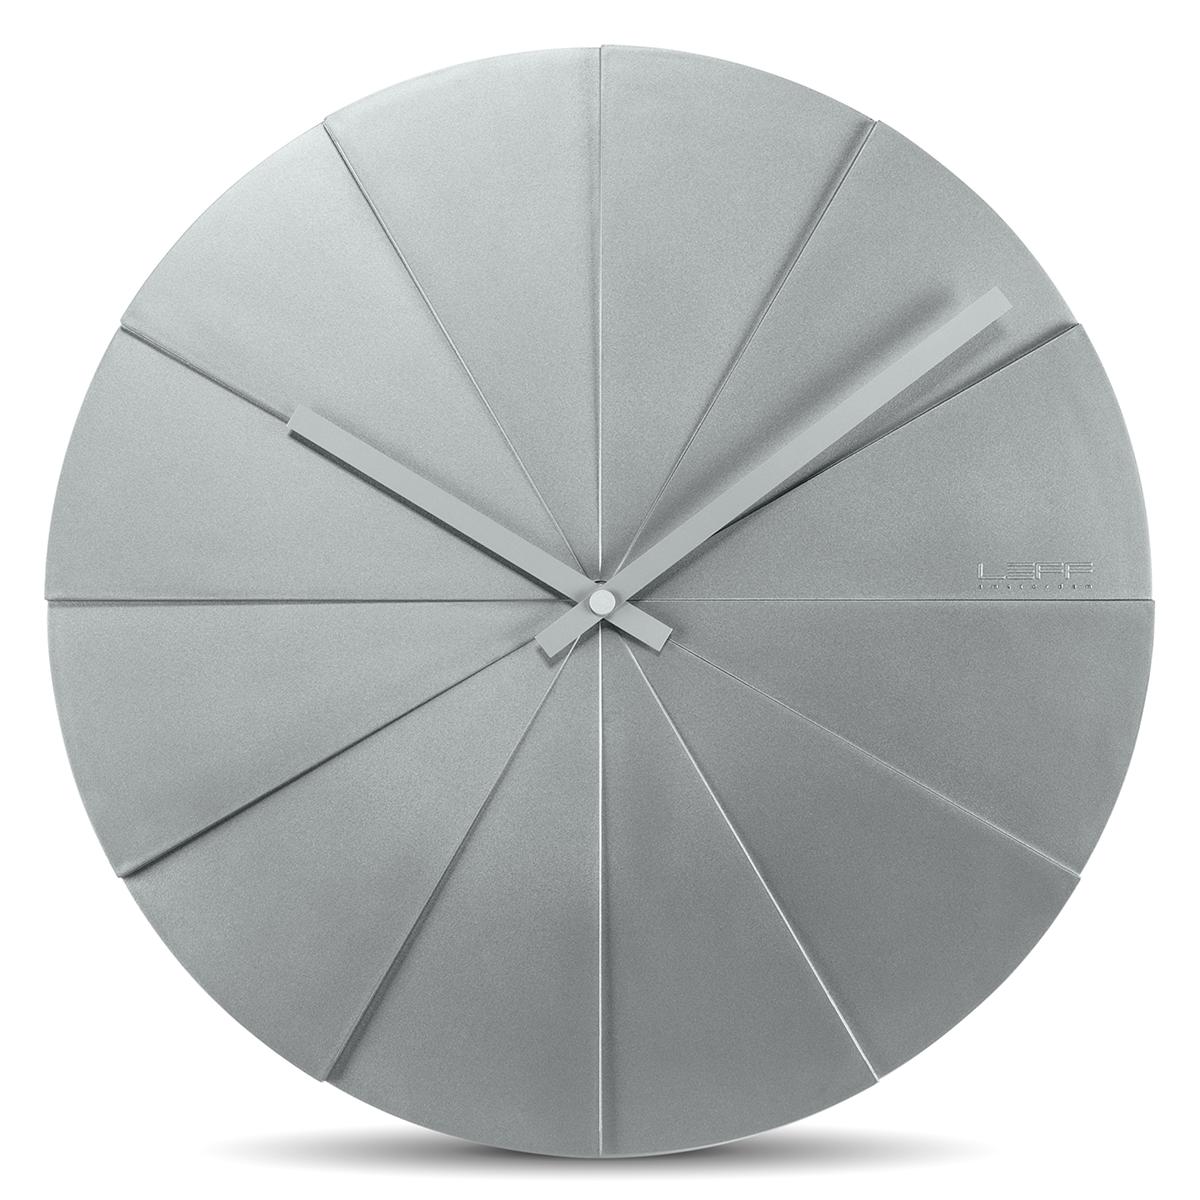 LT30025 scope-grey - на 360.ru: цены, описание, характеристики, где купить в Москве.